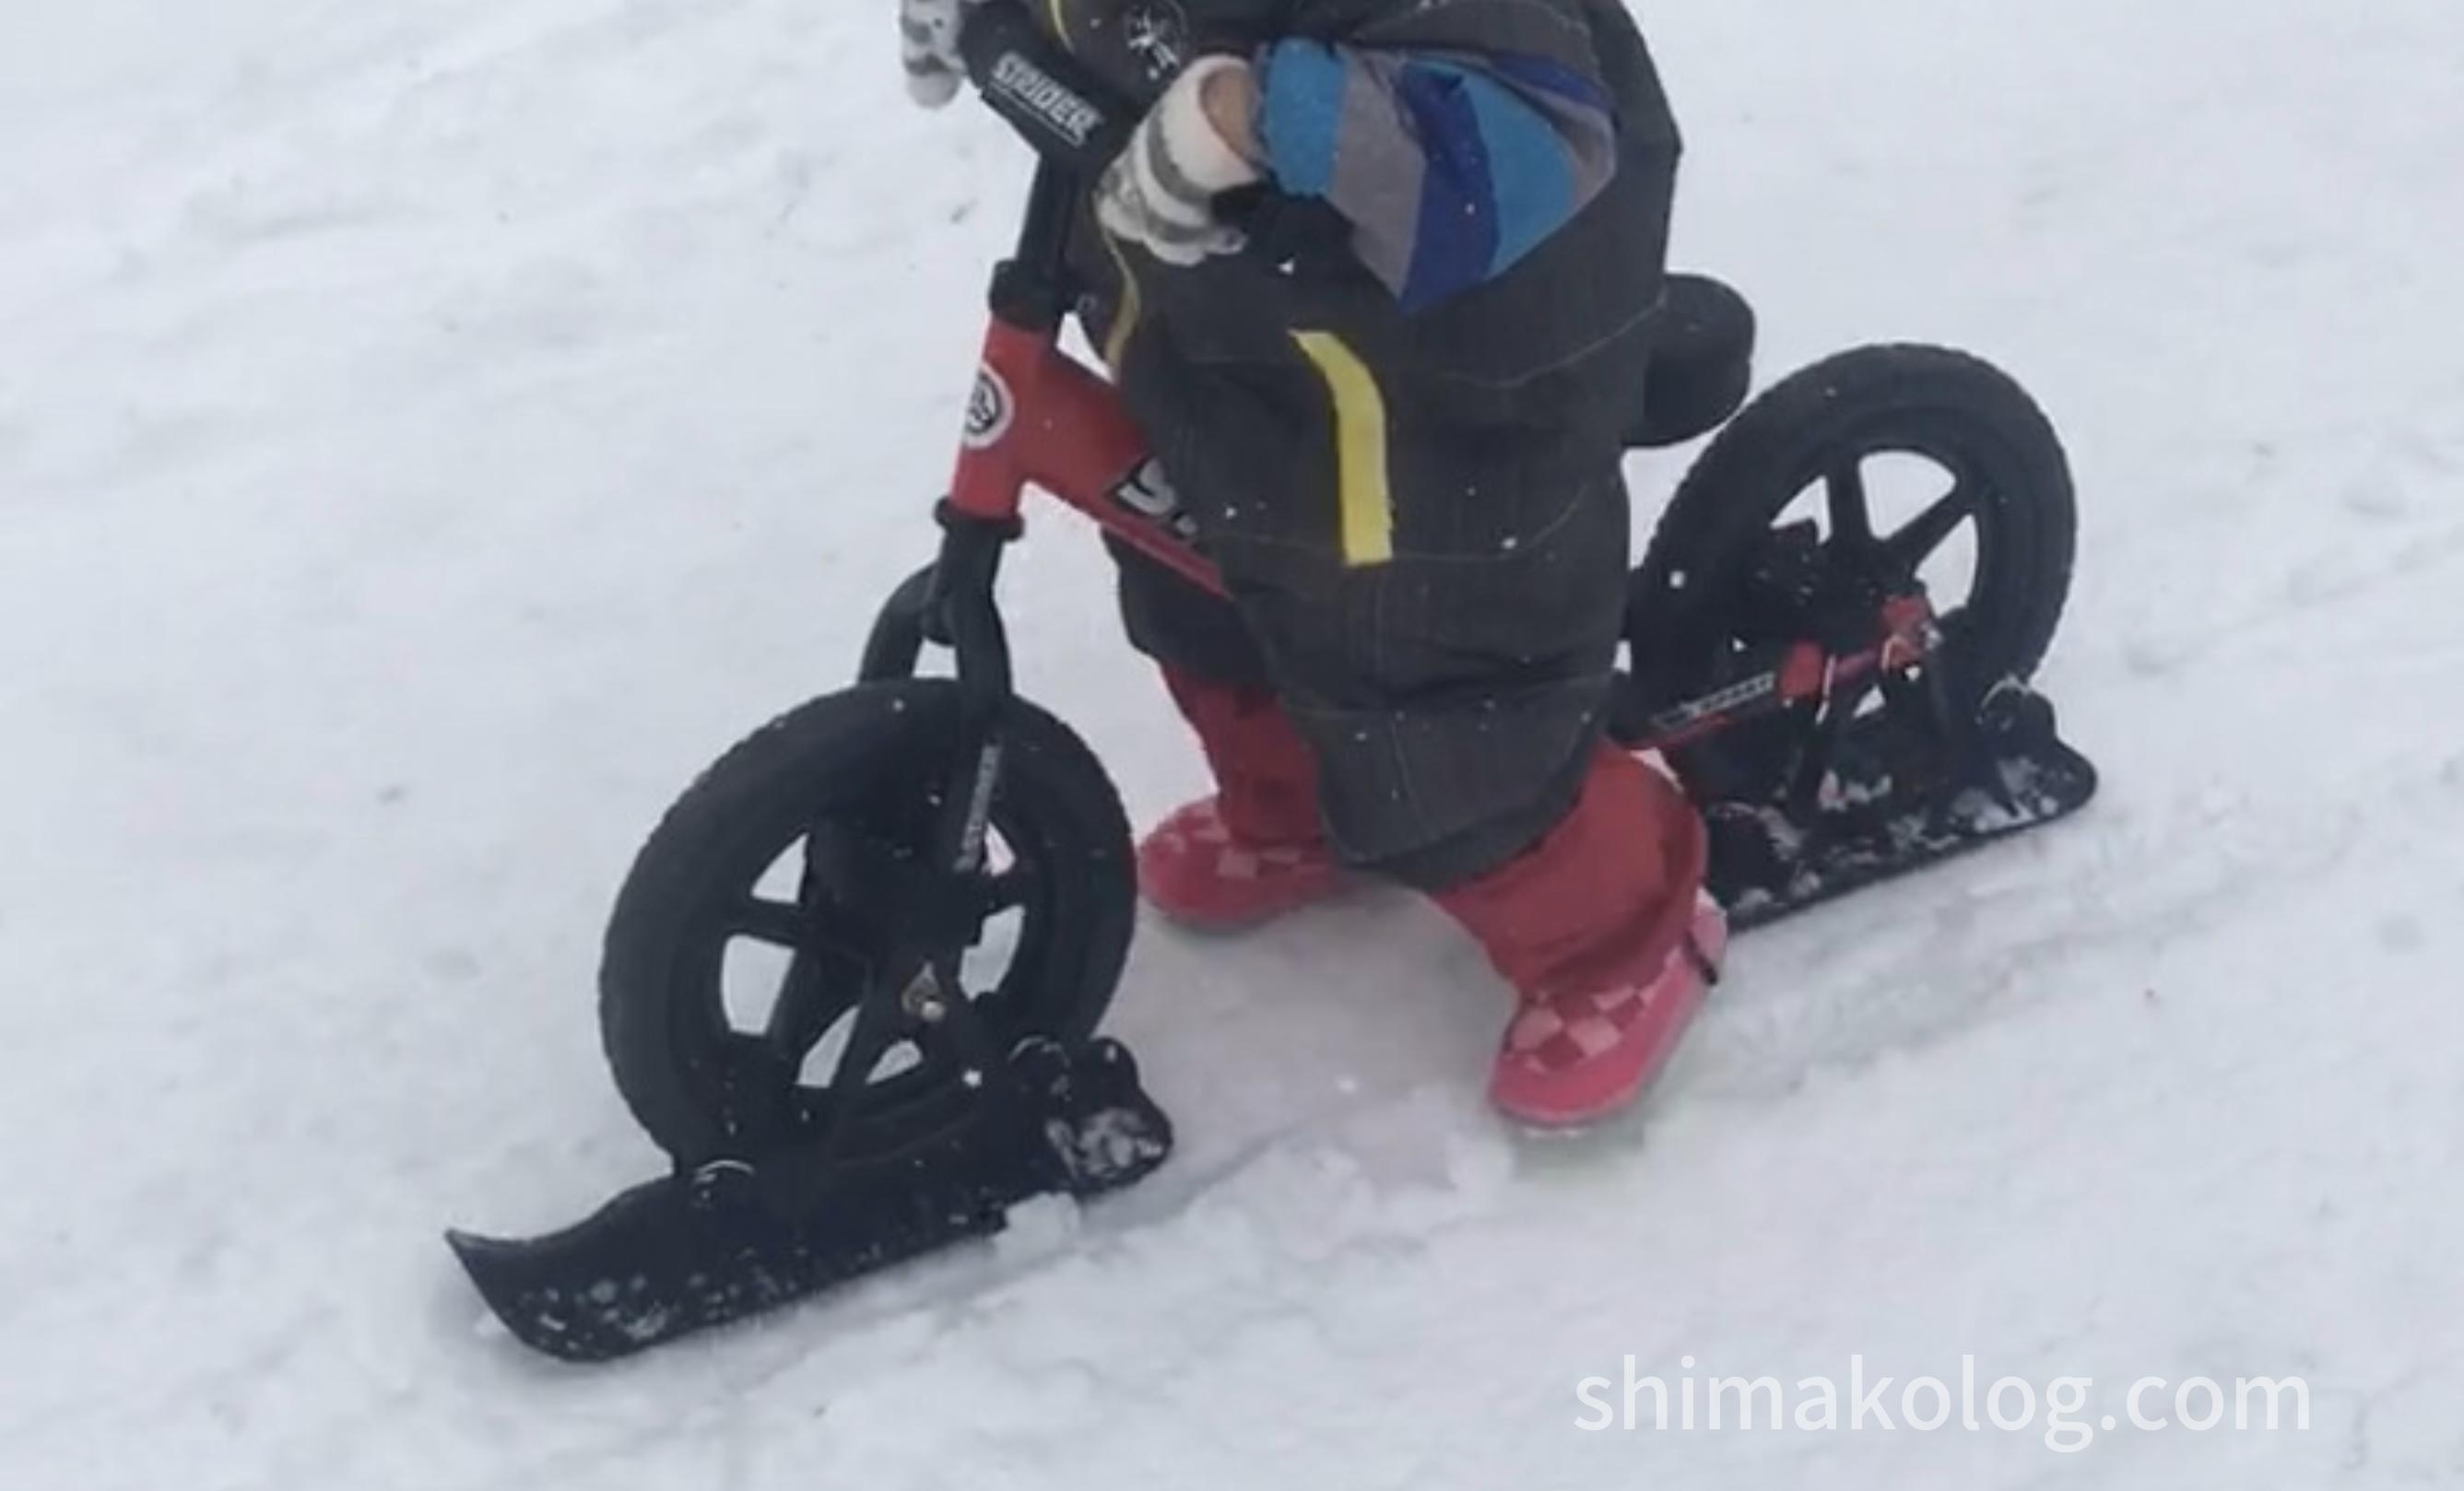 ストライダーにスキーアタッチメントを装着すれば冬でも乗れる